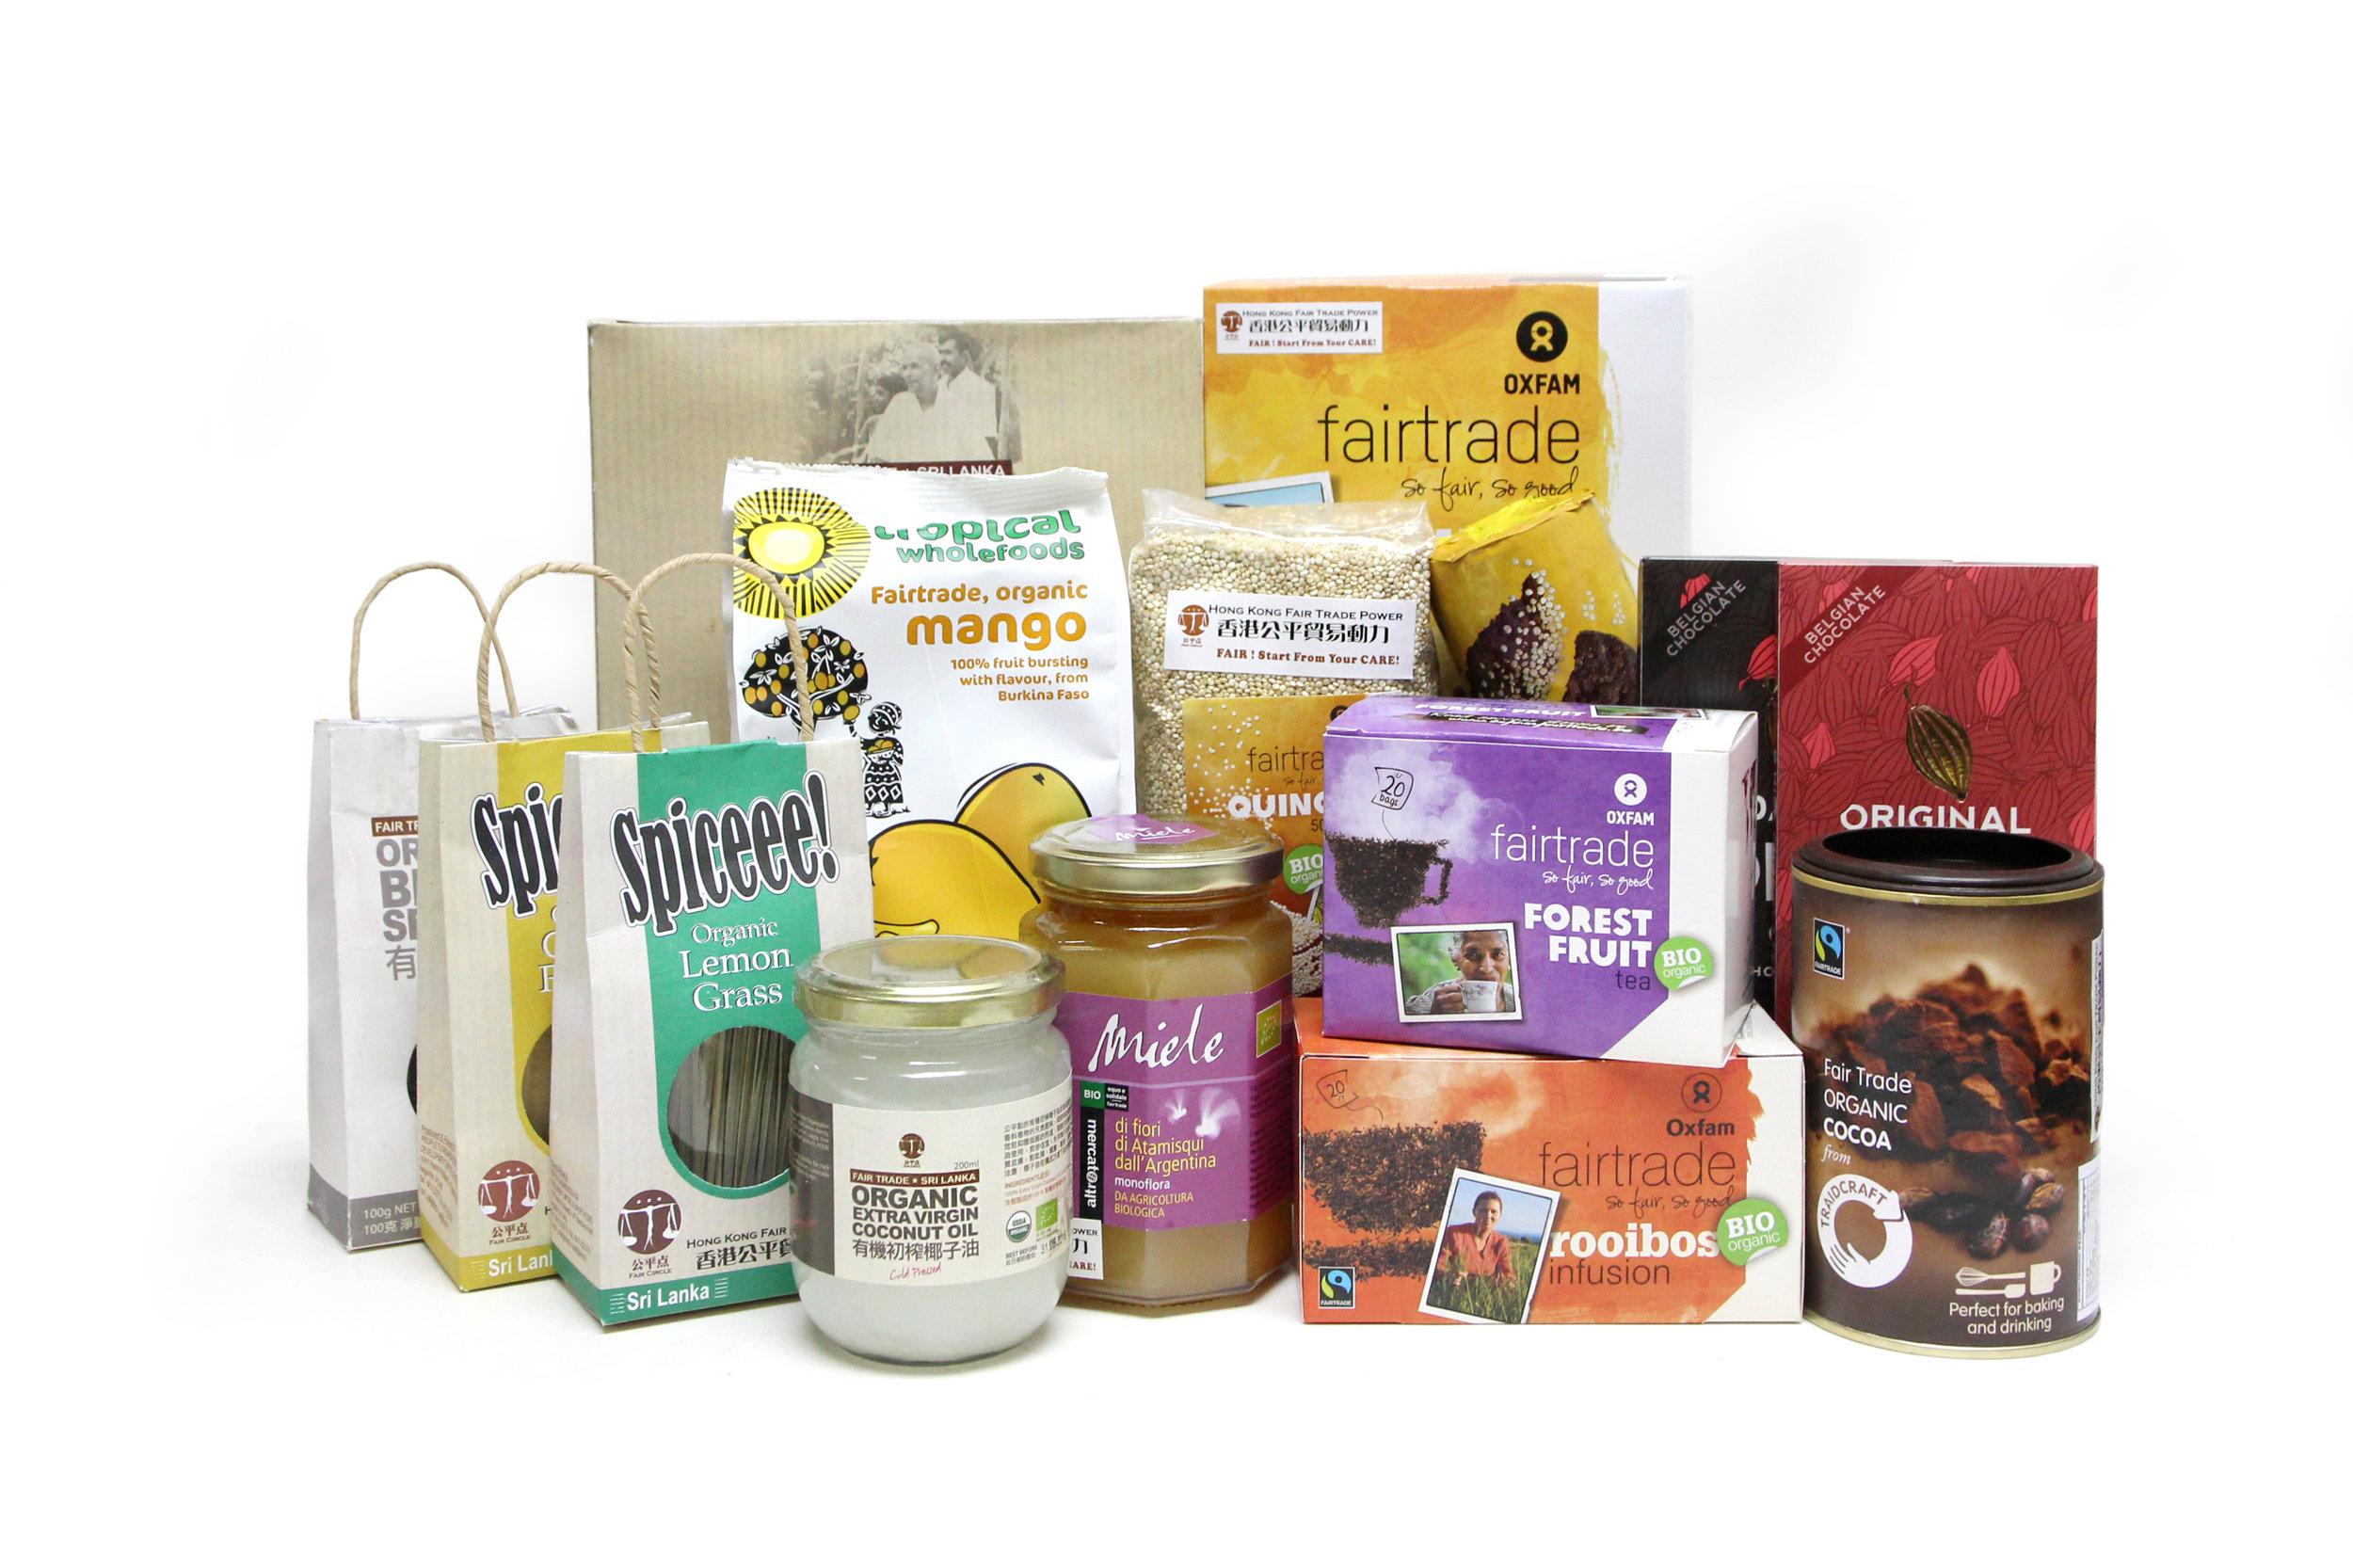 公平貿易產品(有機健康食品).jpg